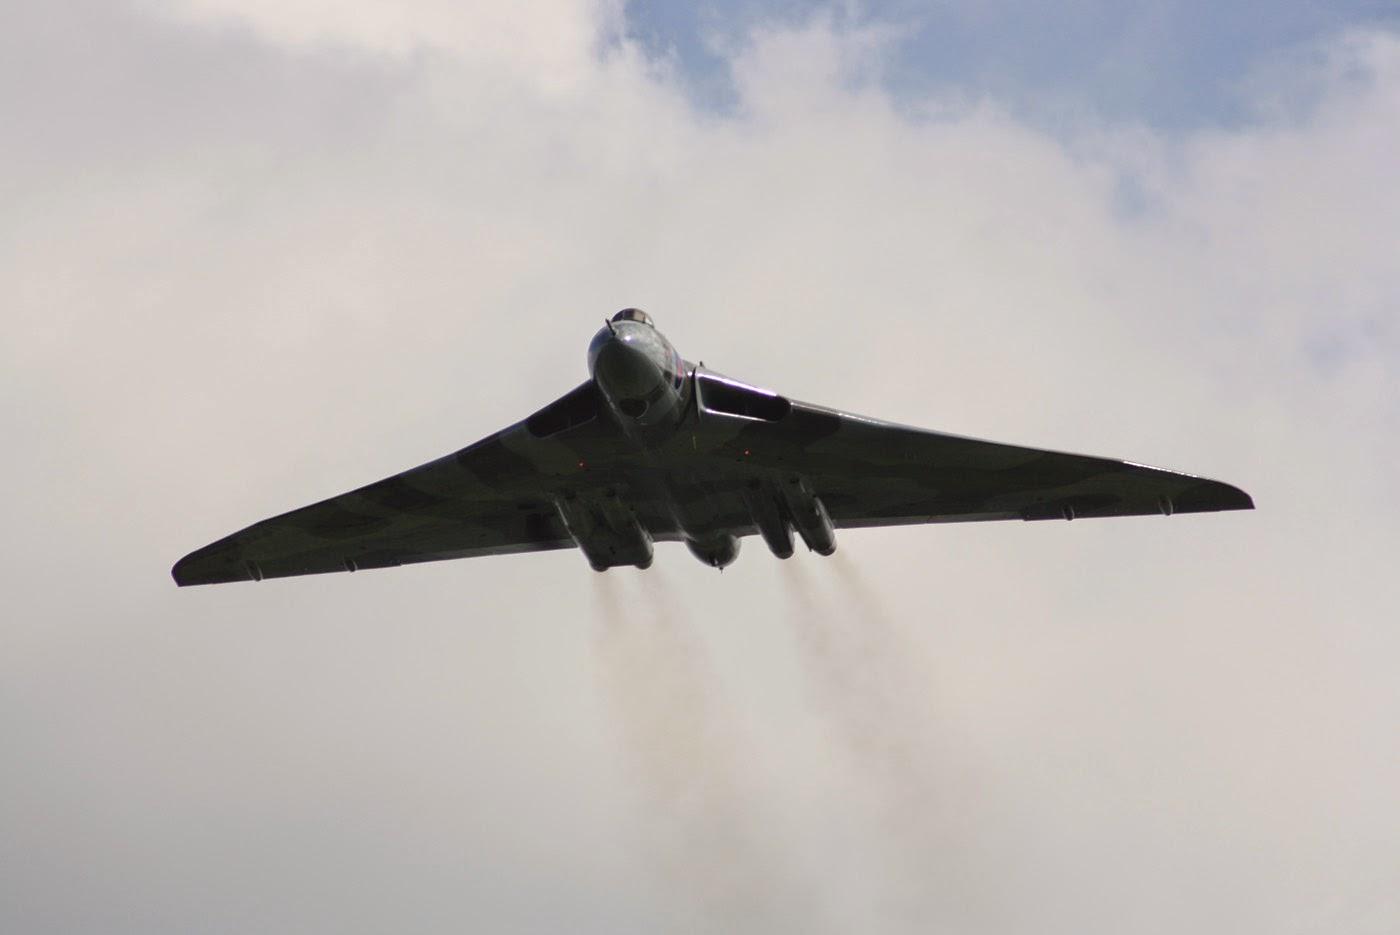 Vulcan Air Show